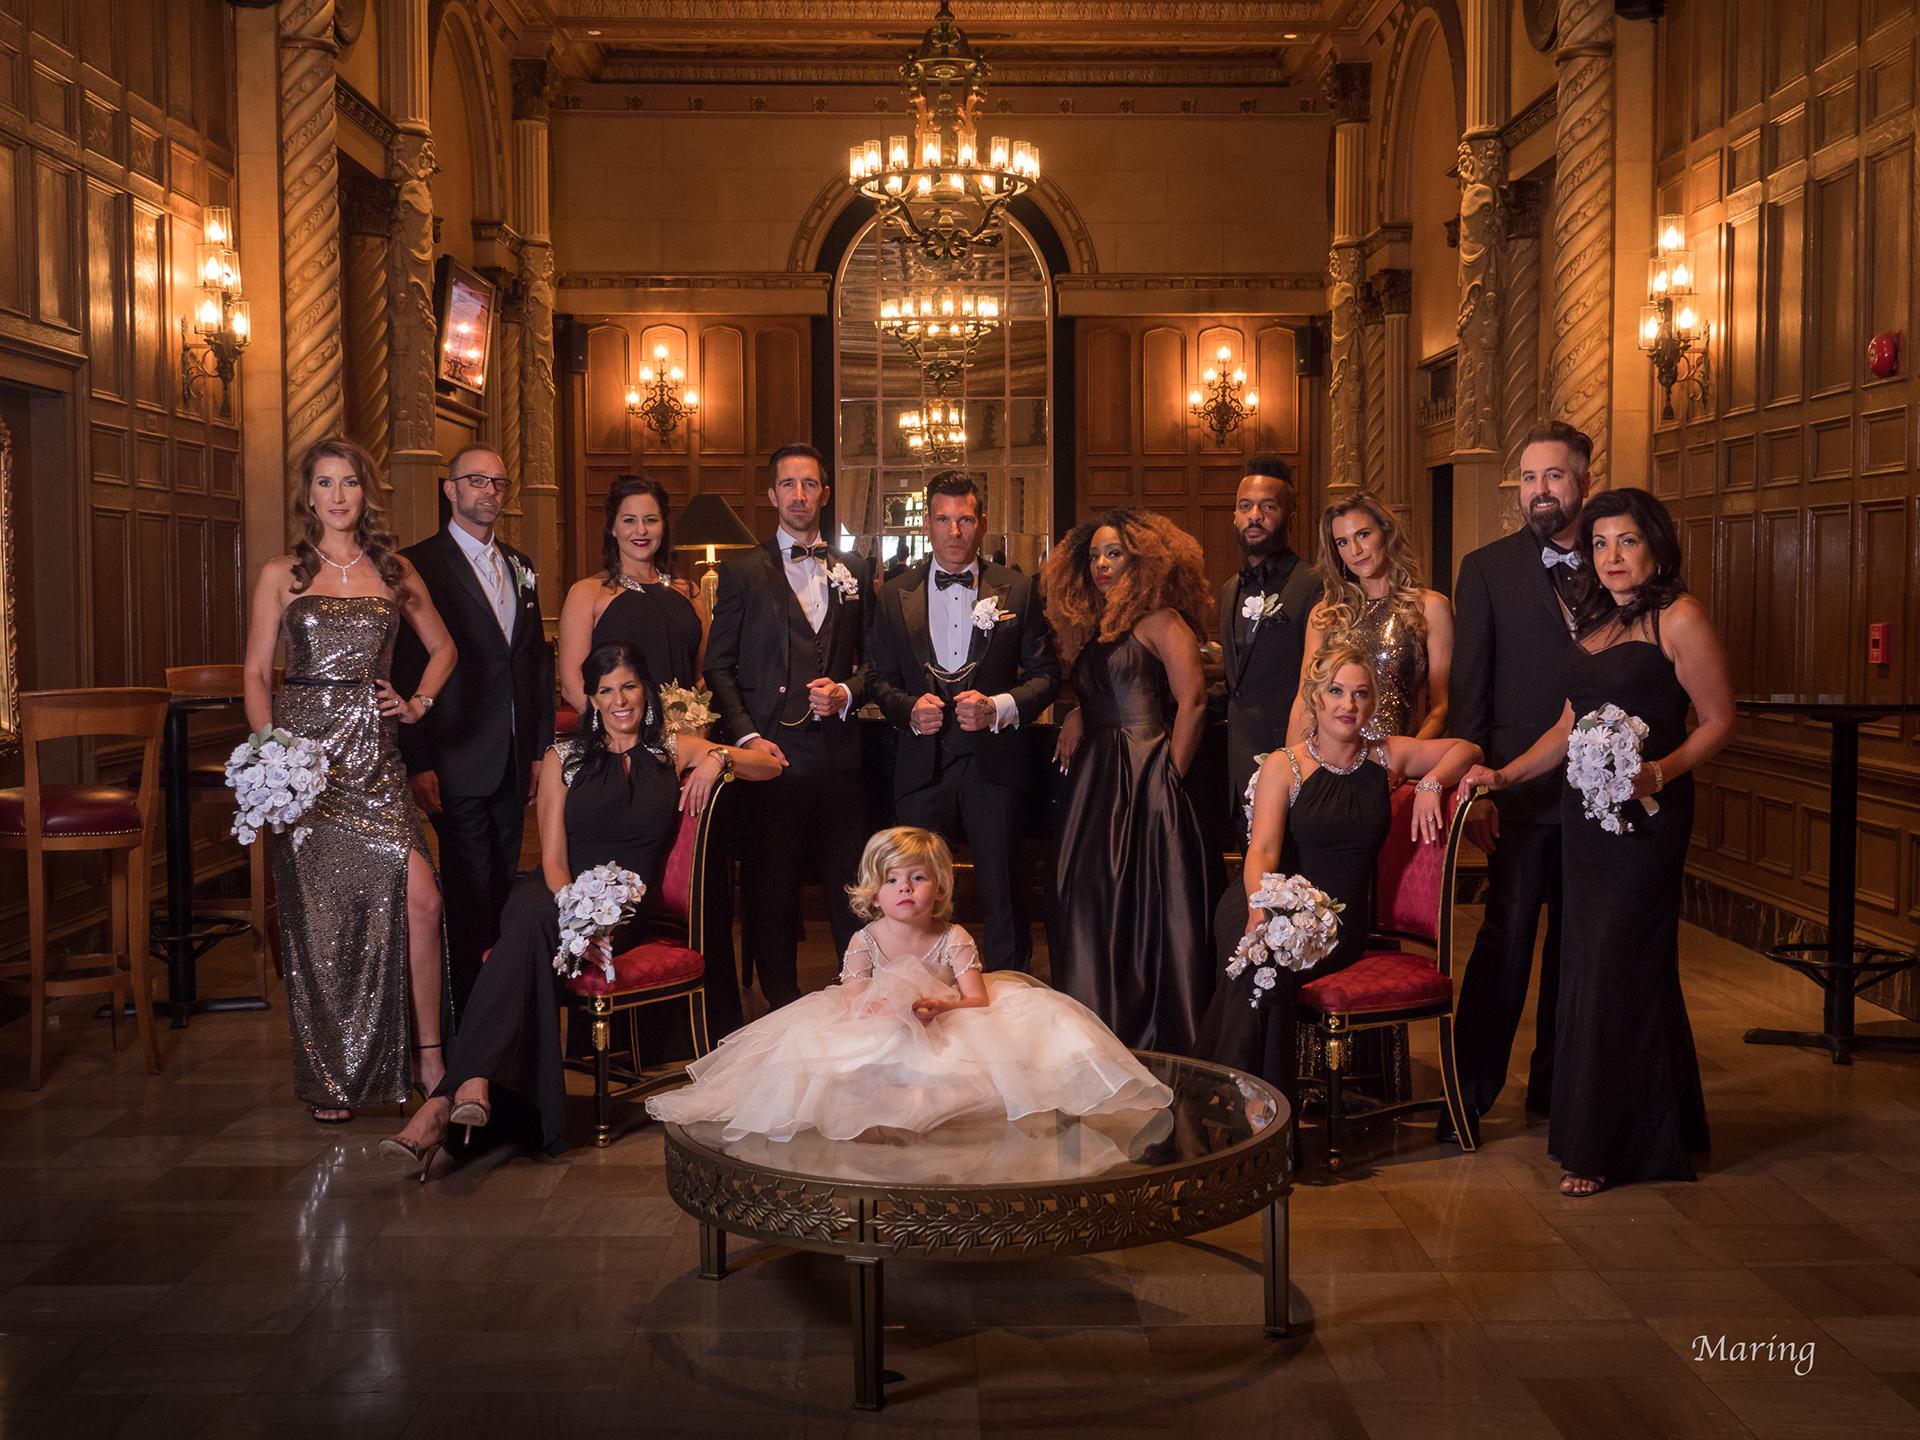 Glamorous Group Posing